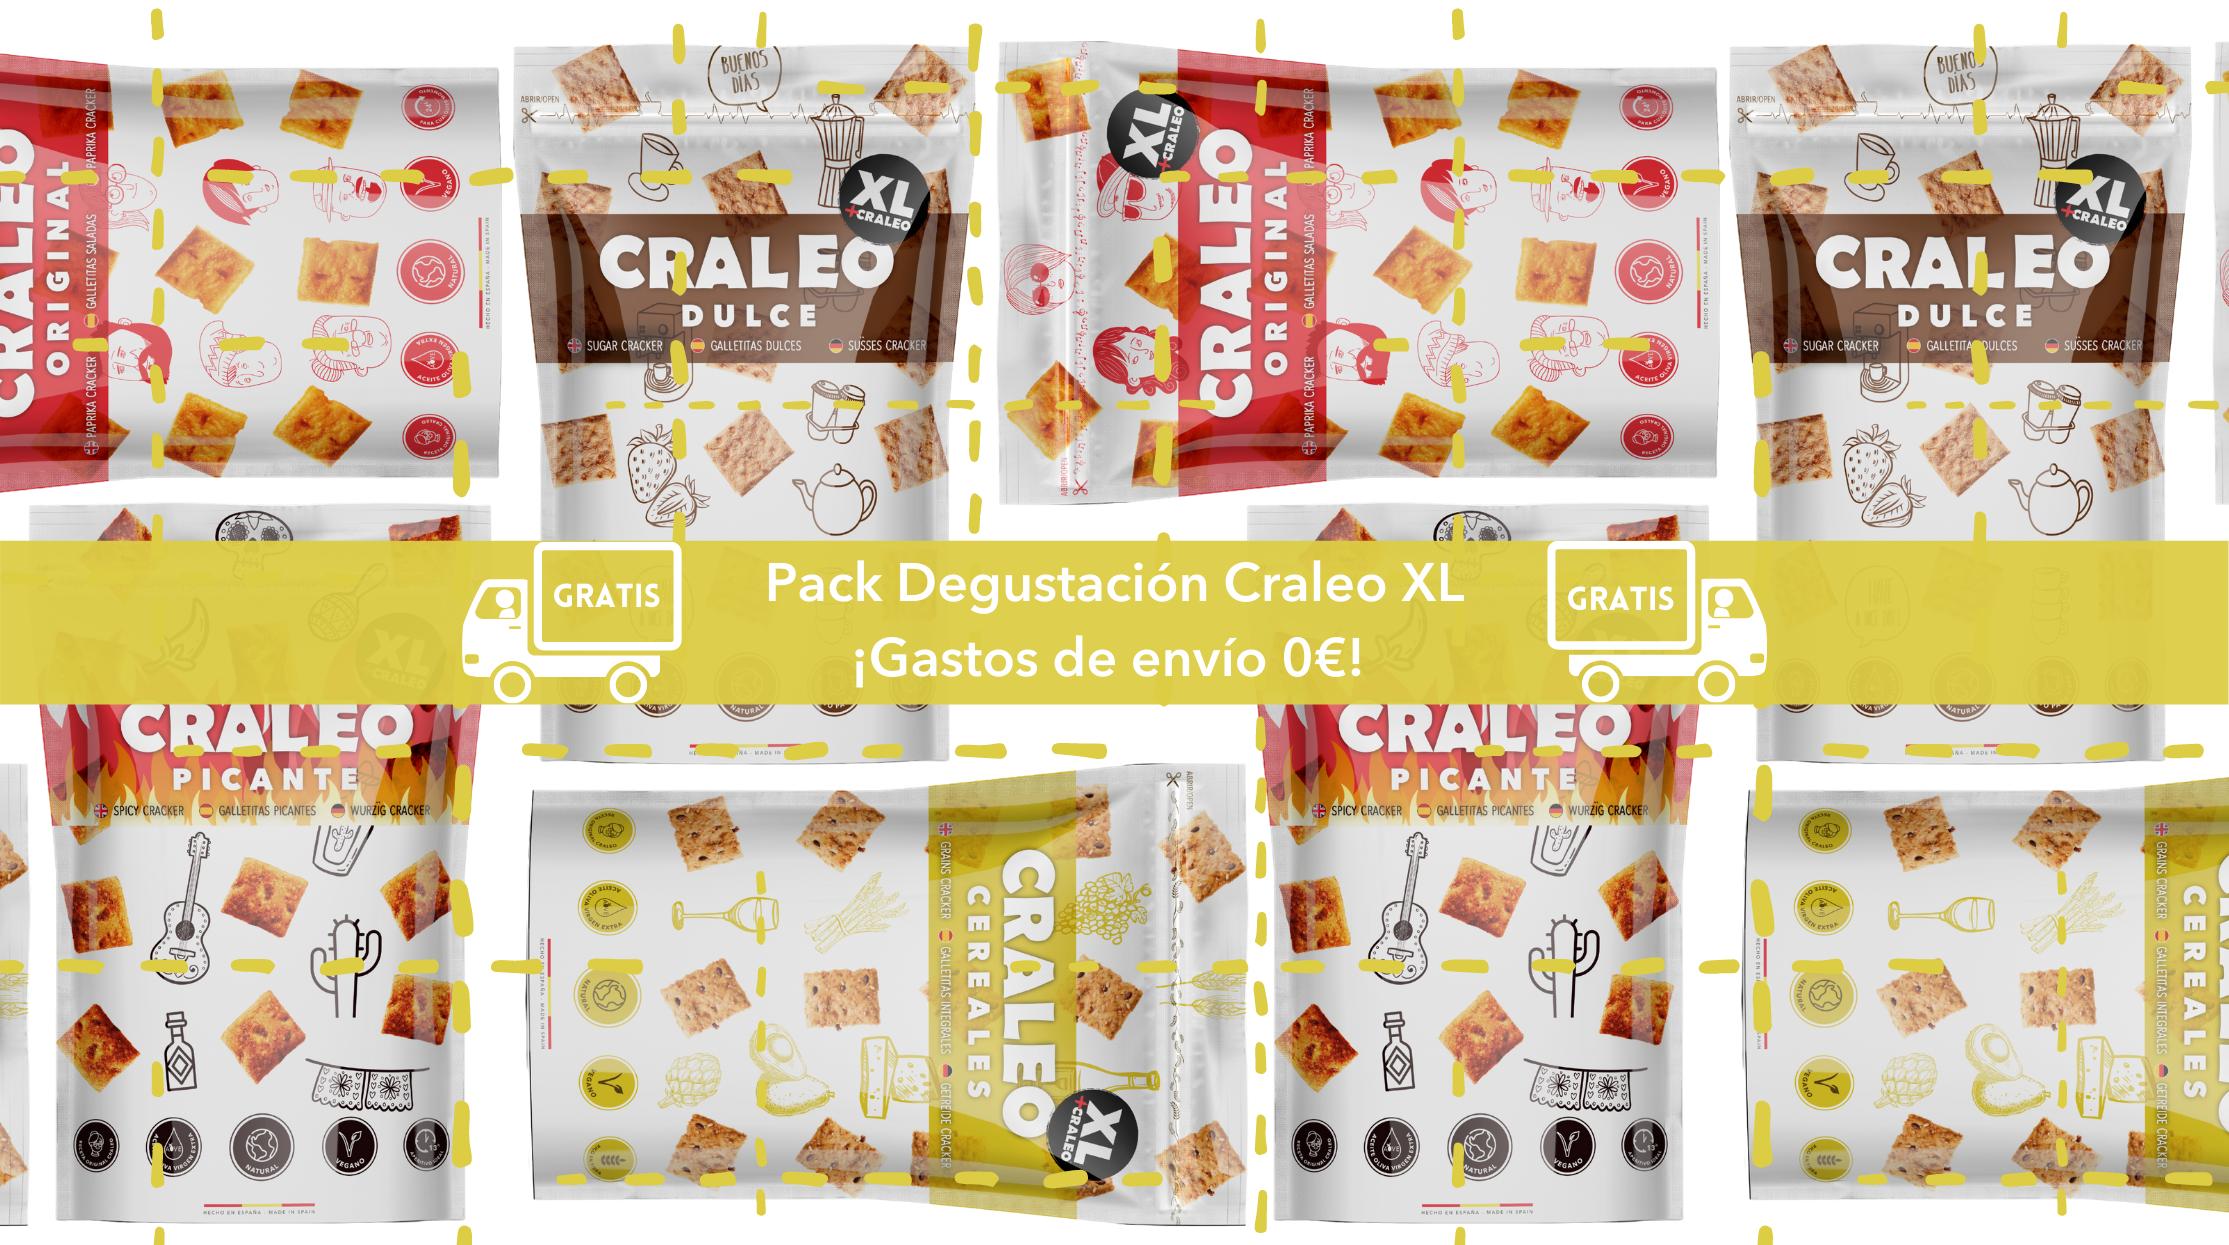 https://craleo.com/tienda/pack-degustacion-craleo-xl/